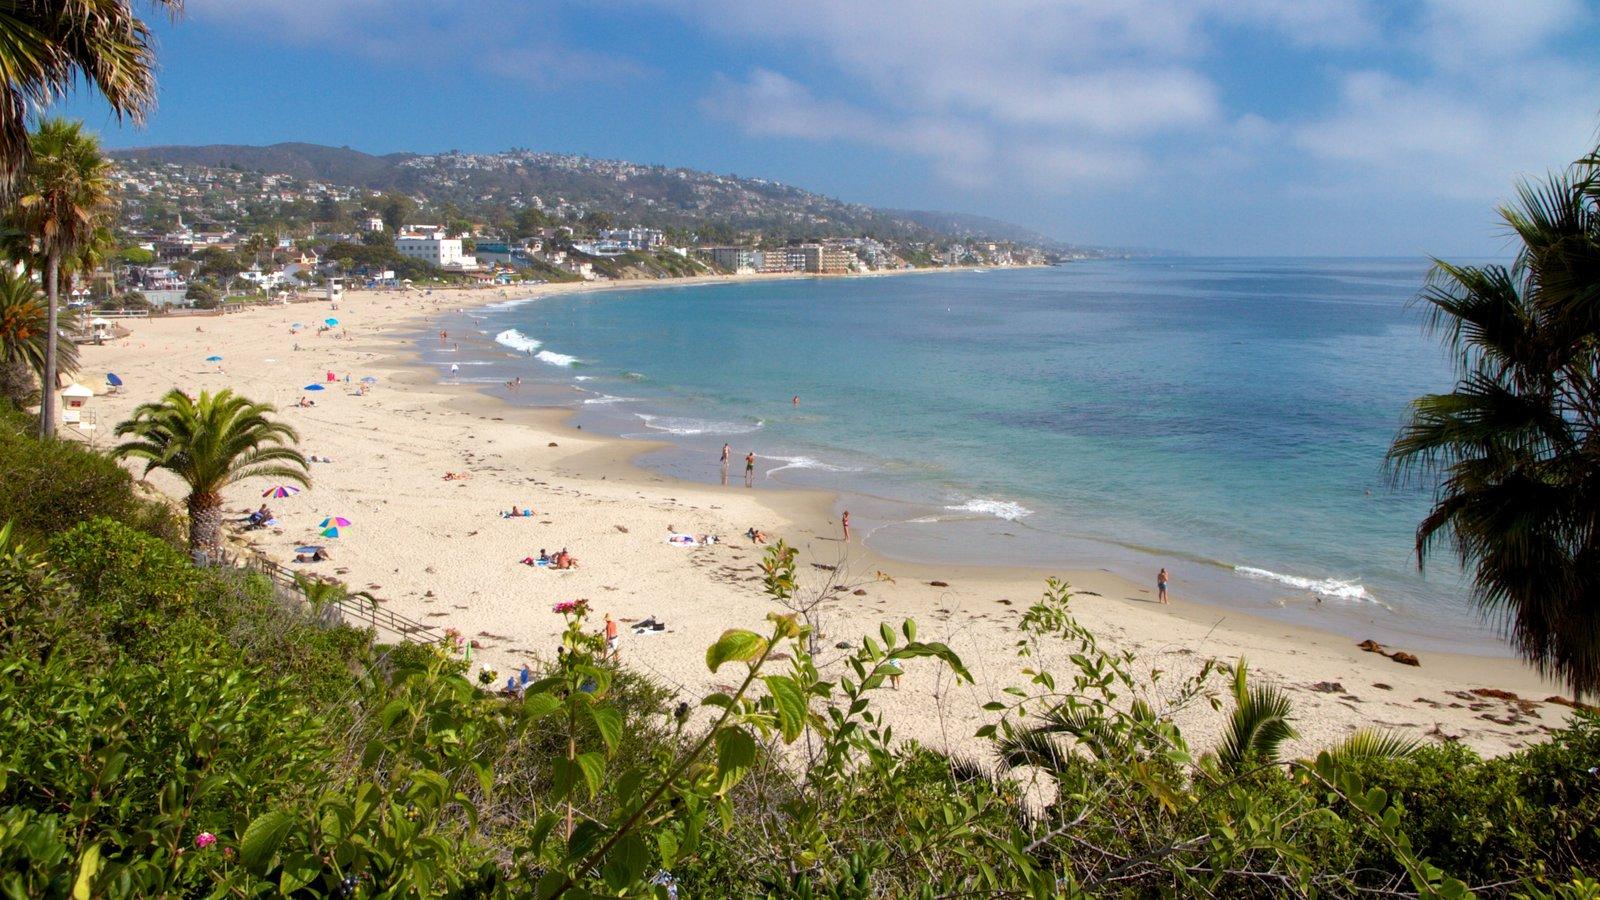 Laguna Beach mostrando vistas de paisajes y una playa